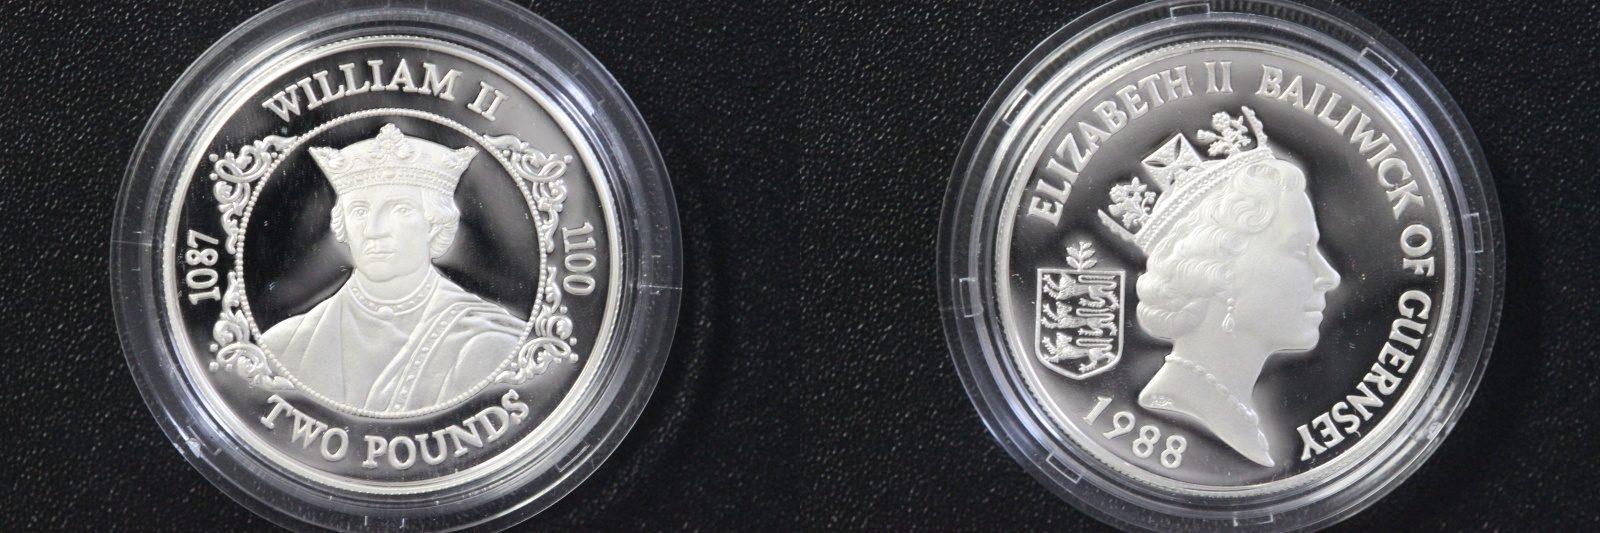 2 Pfund 1989 Guernsey 2 Pounds Guernsey 1989 1100. Todestag William II PP/Zert/Etui